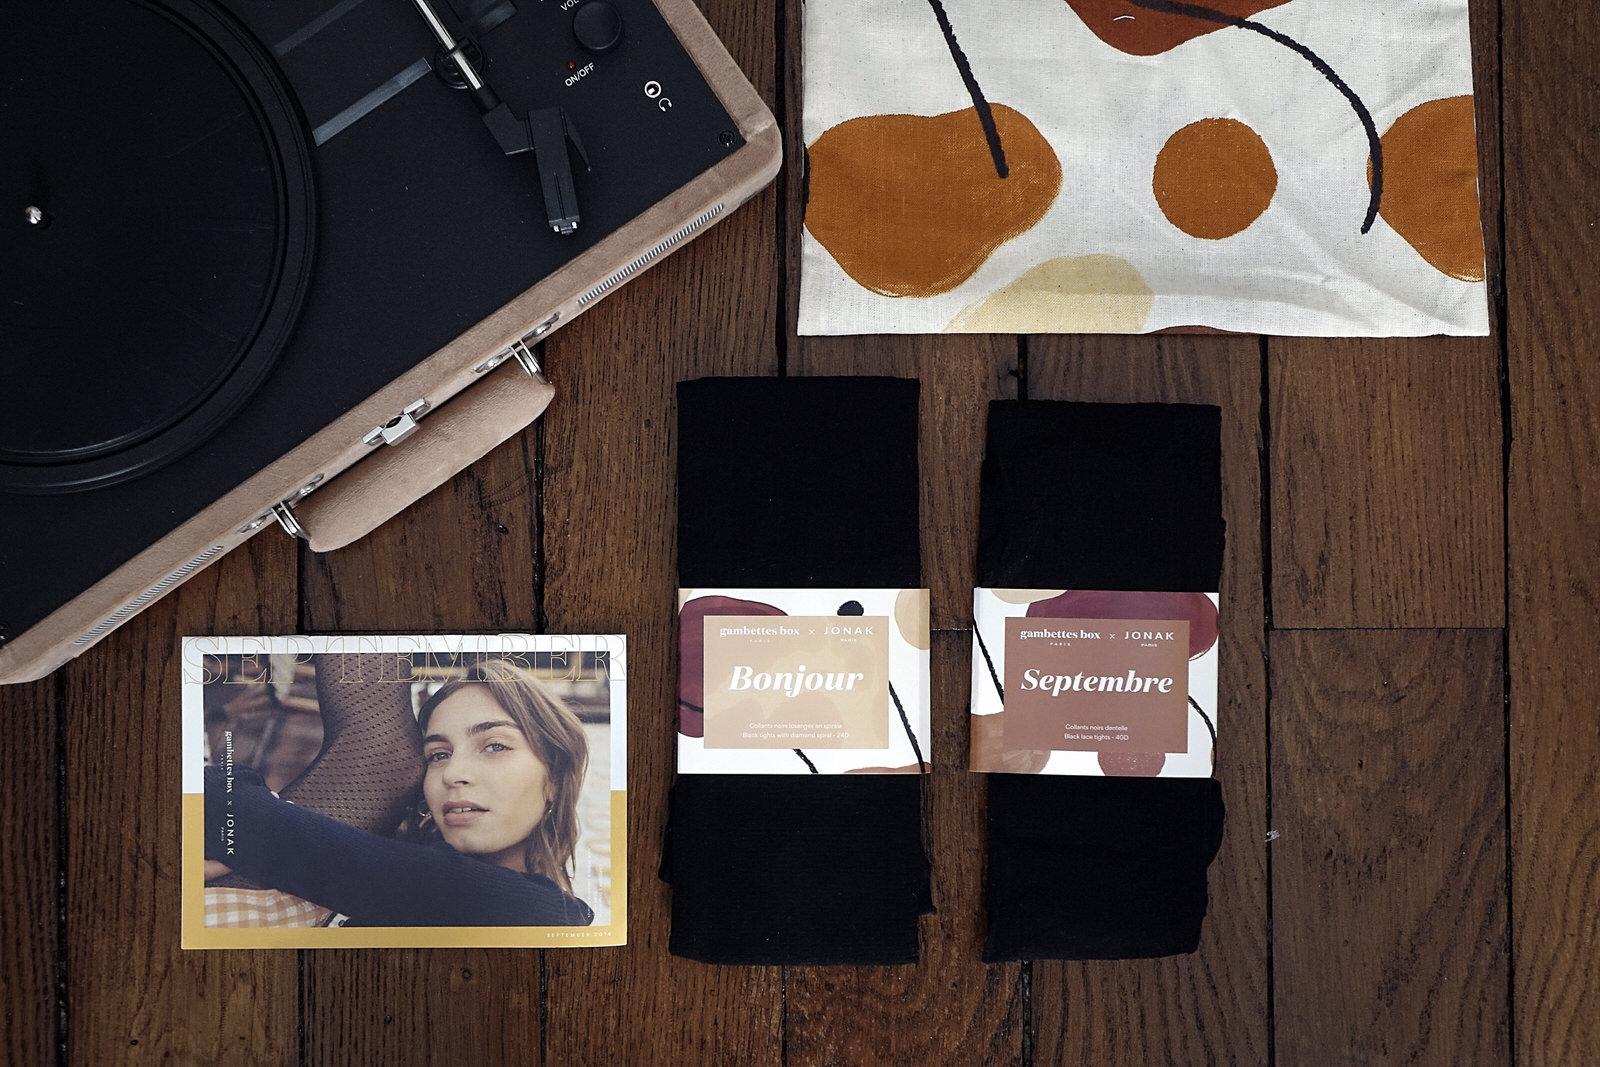 Les collants de la Gambettes Box de septembre 2019 avec Tara Jarmon